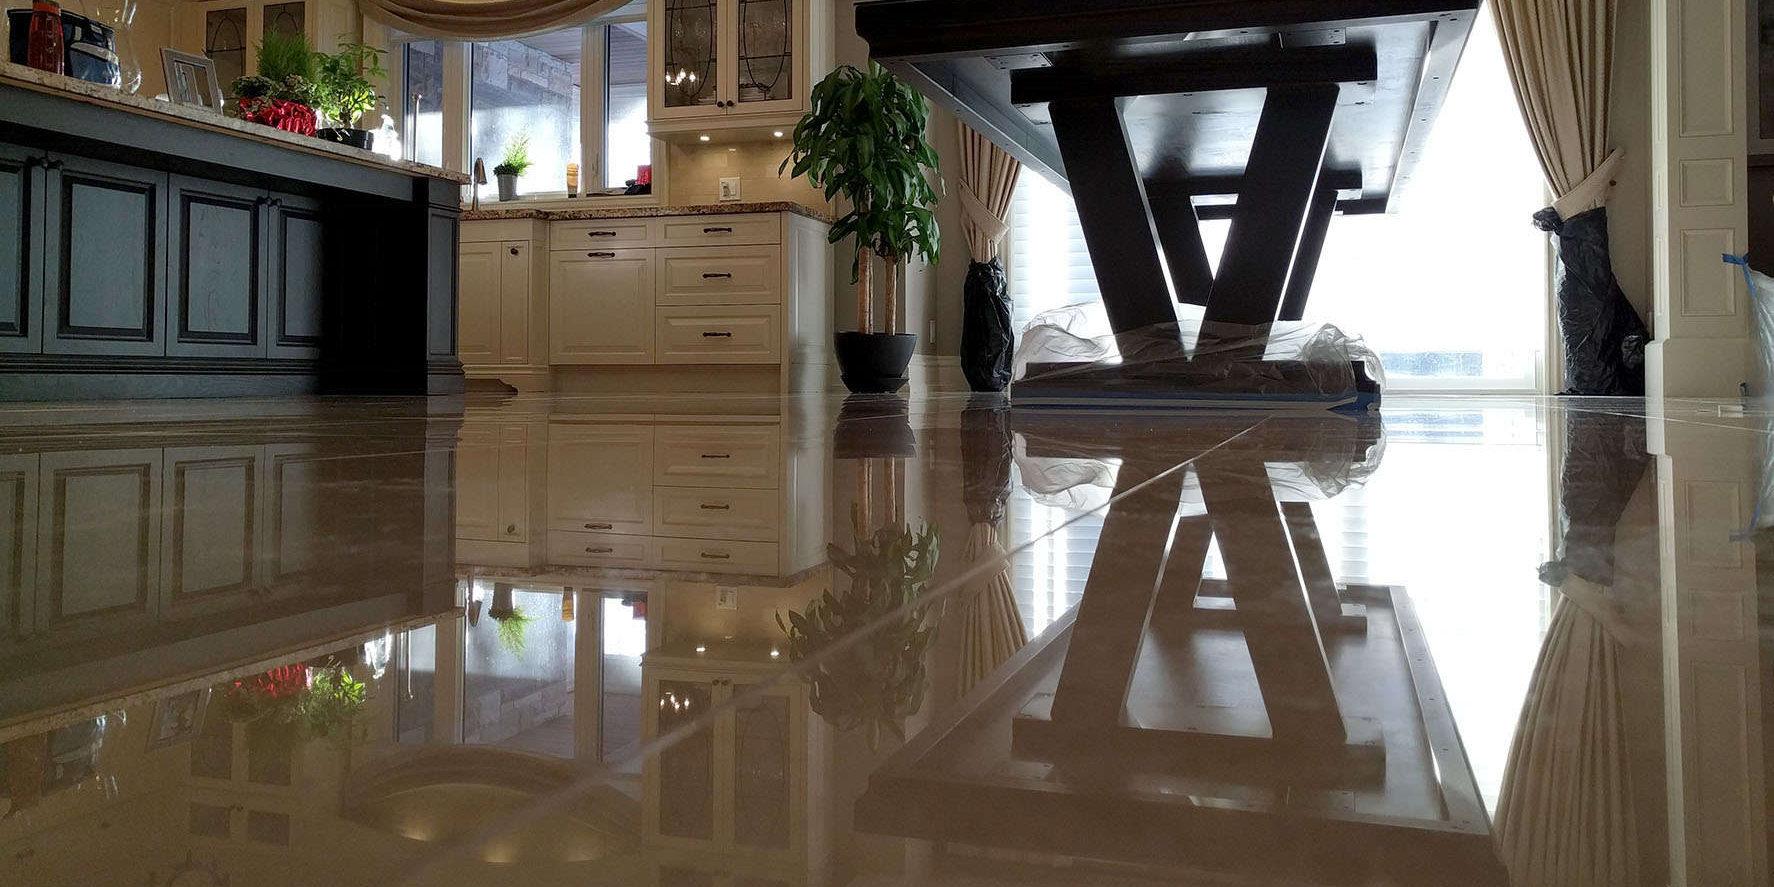 Polished crema-marfil marble